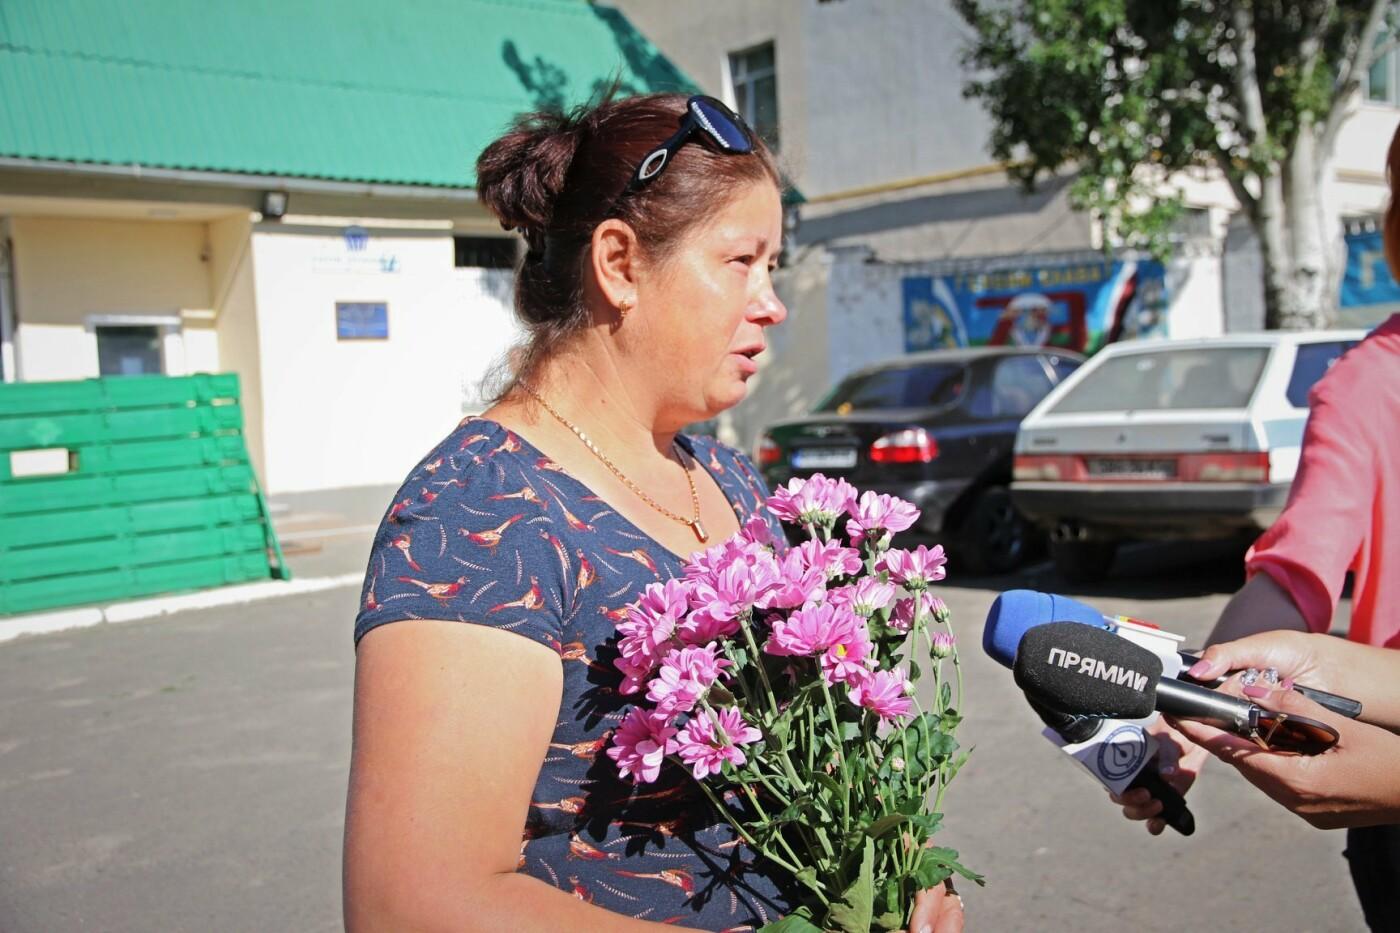 Николаевцы почтили память военнослужащих, погибших у Зеленополья, - ФОТО, фото-1